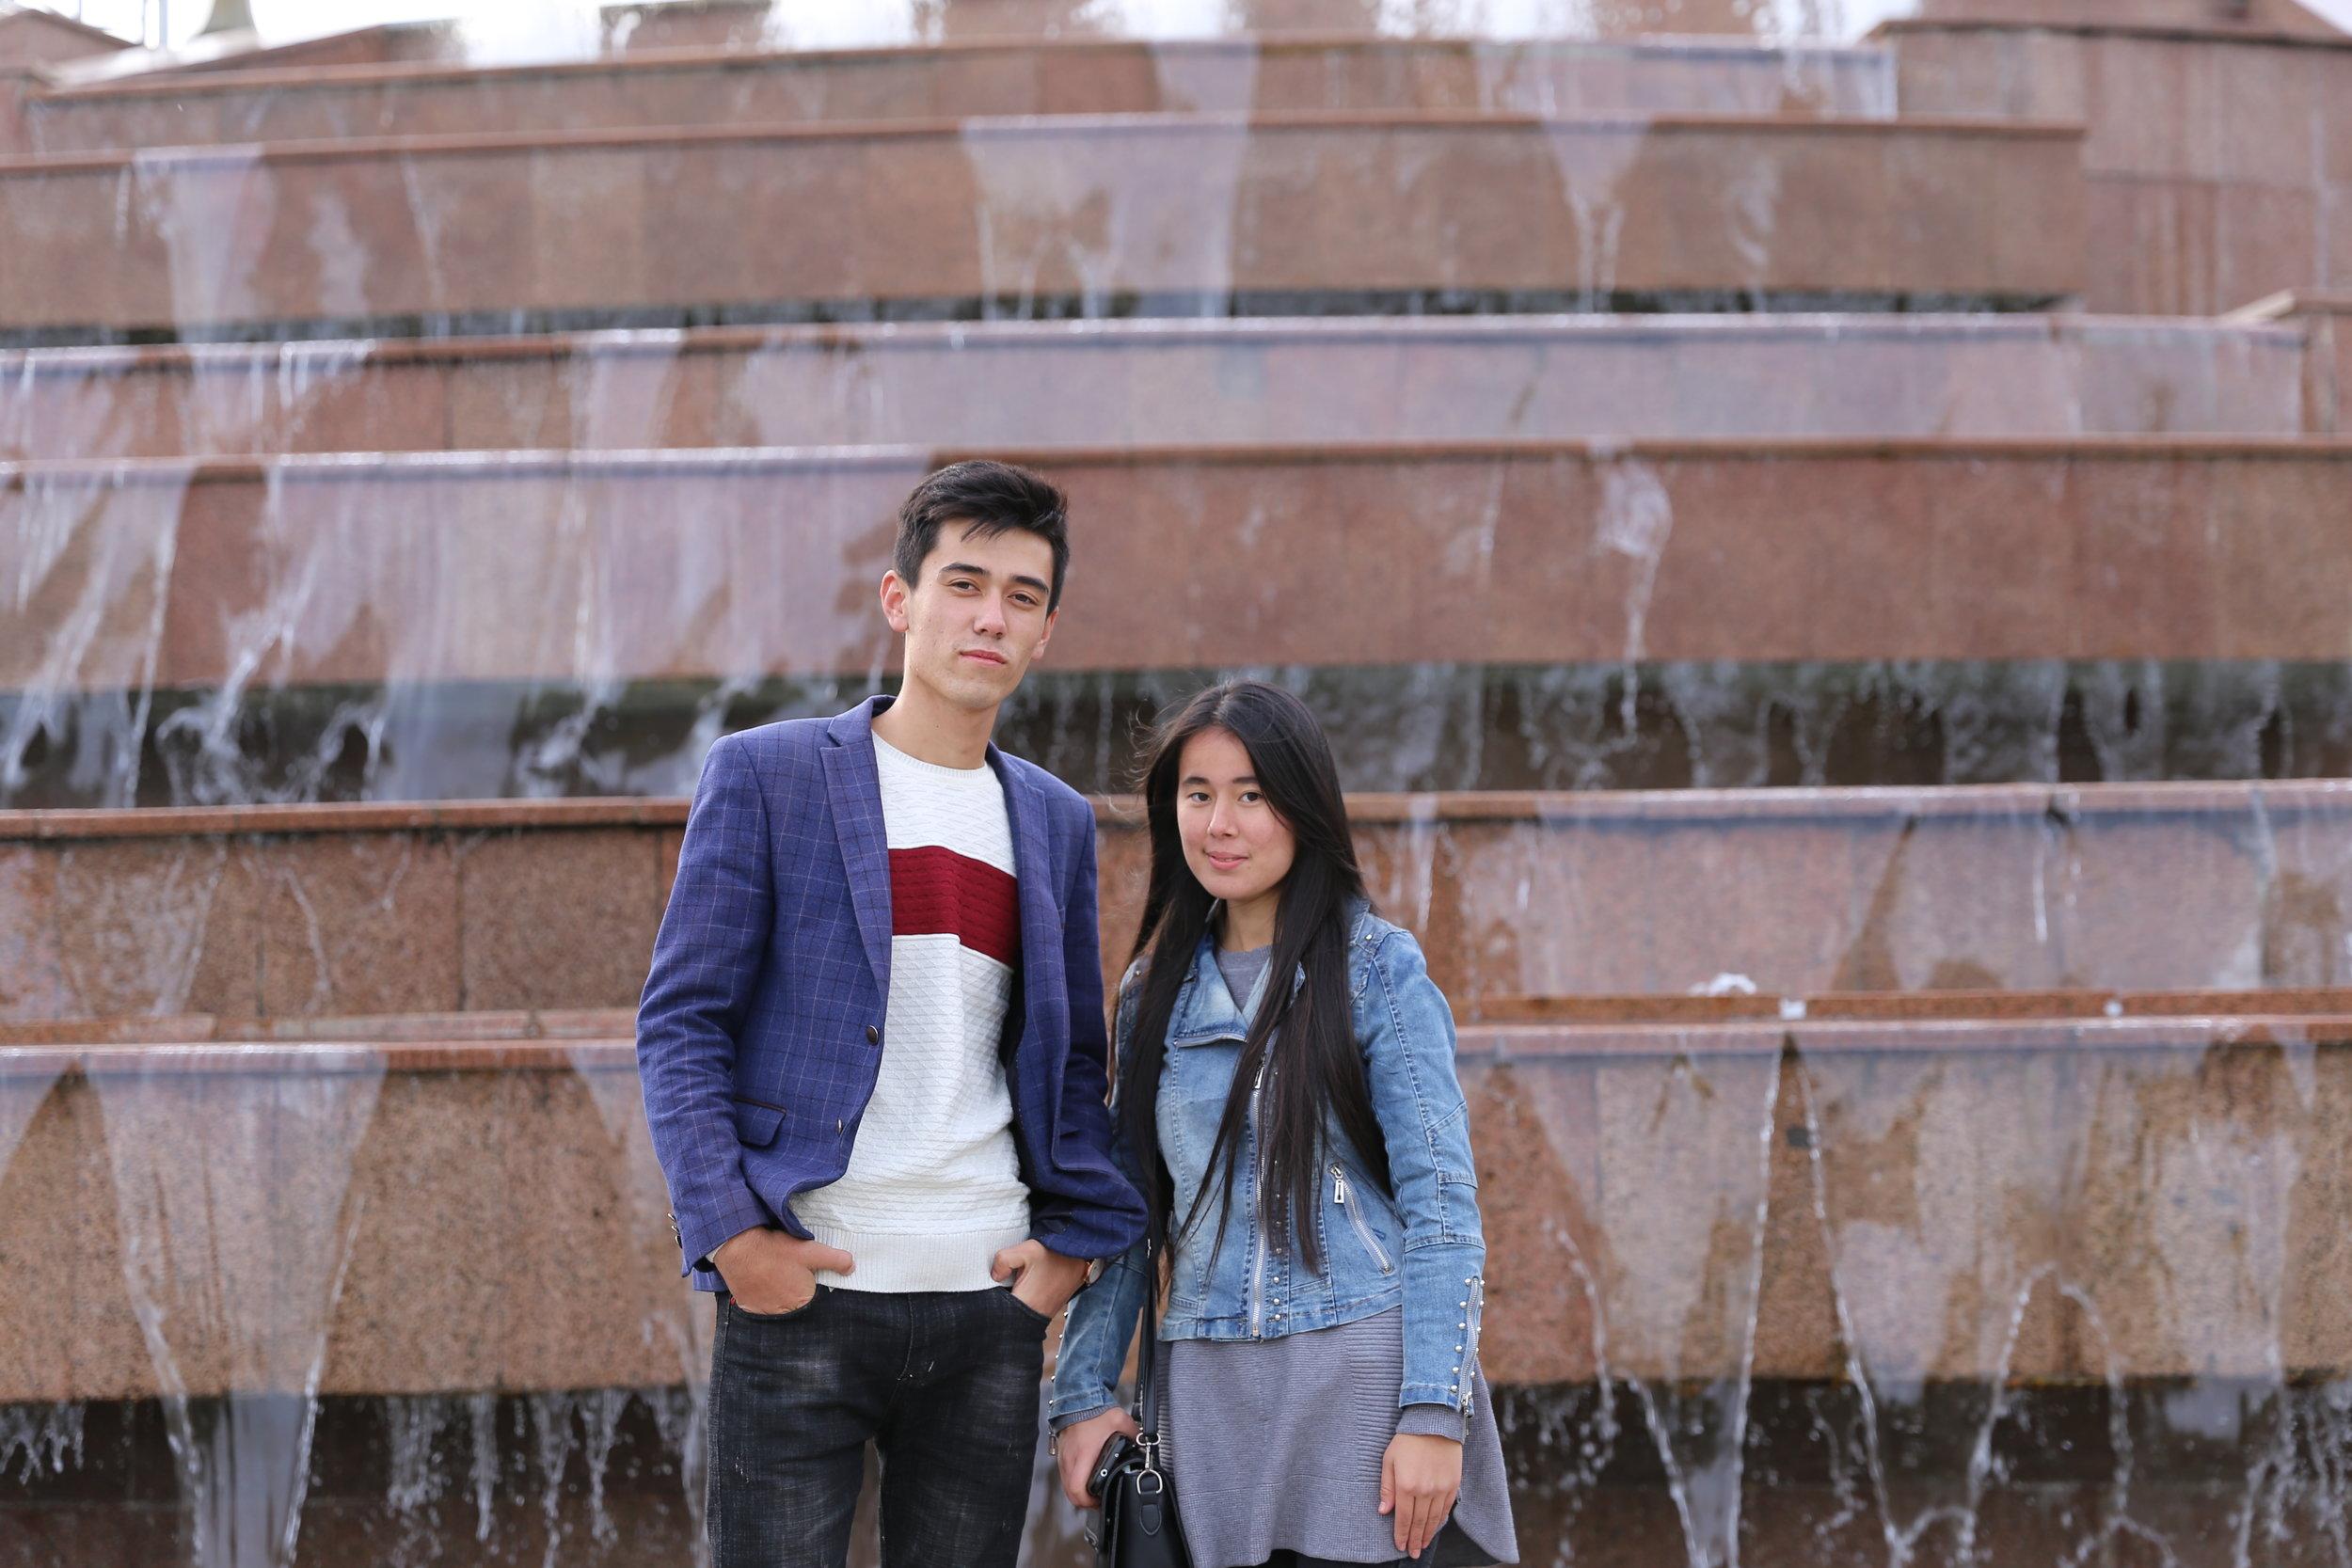 سيد ونازوكات، أصدقاء من أوزباكستان